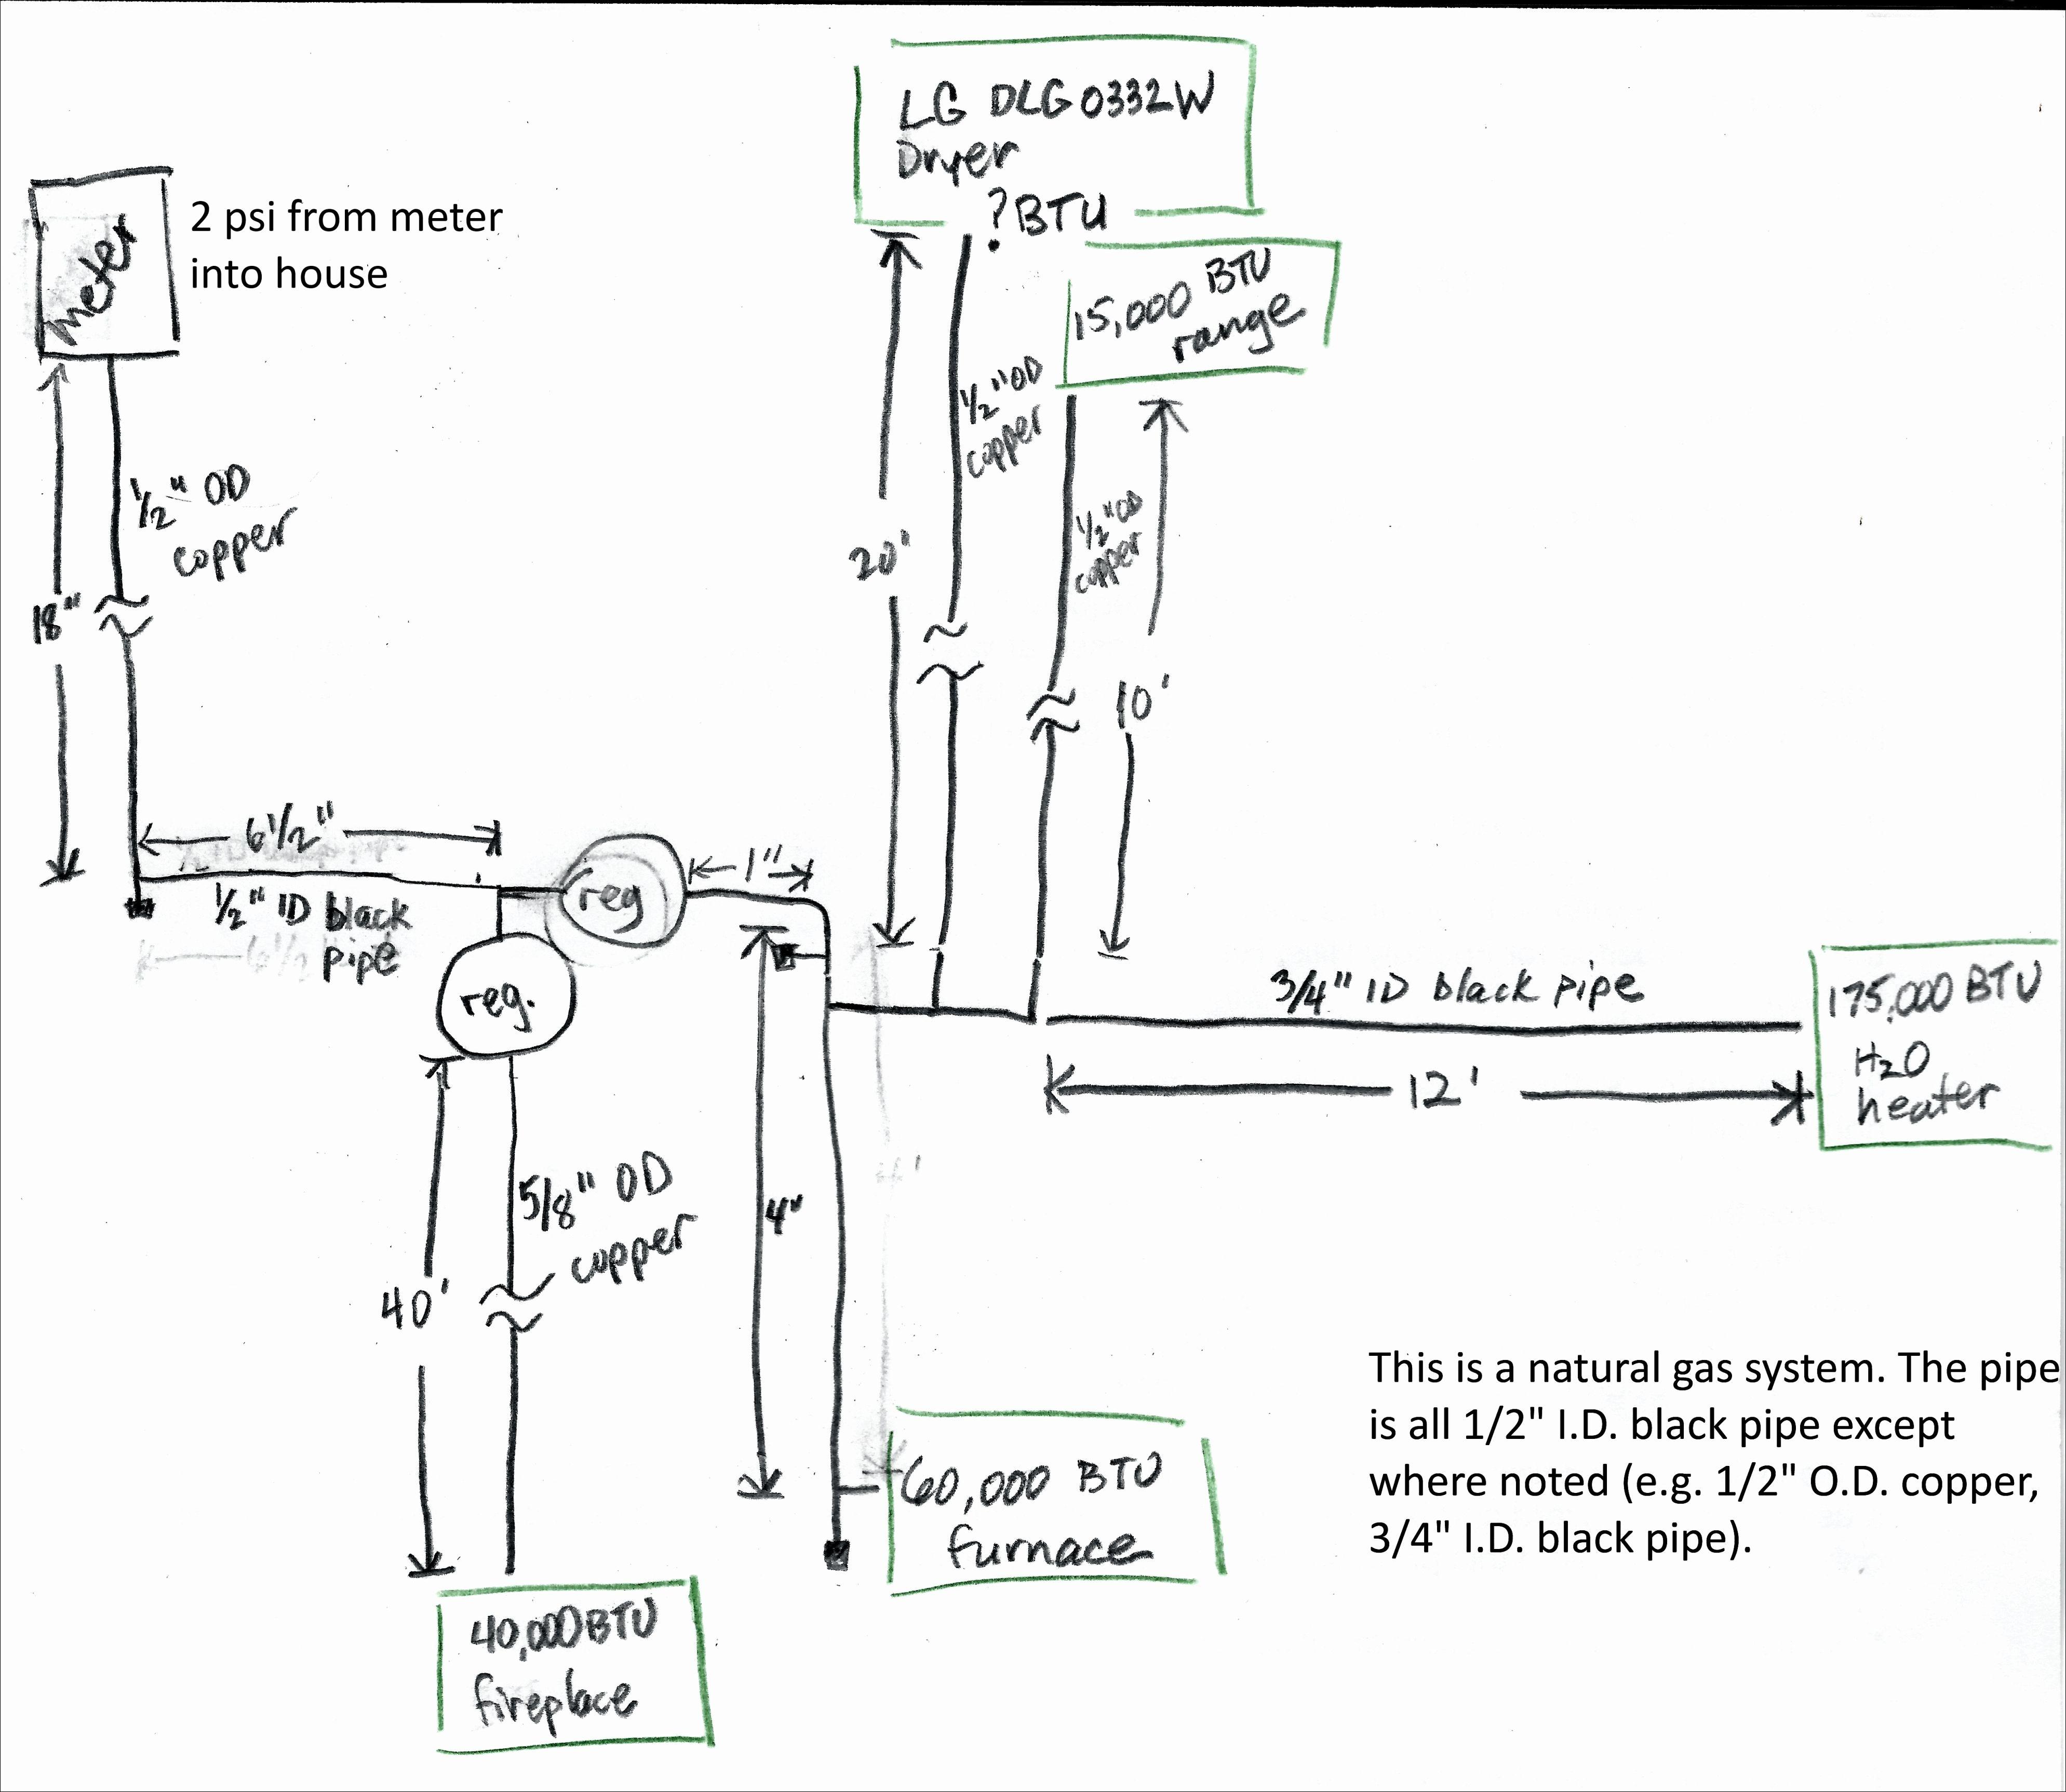 Truck Wiring Diagram Also Mack Truck Wiring Diagram Likewise Chevy - Mack Truck Wiring Diagram Free Download